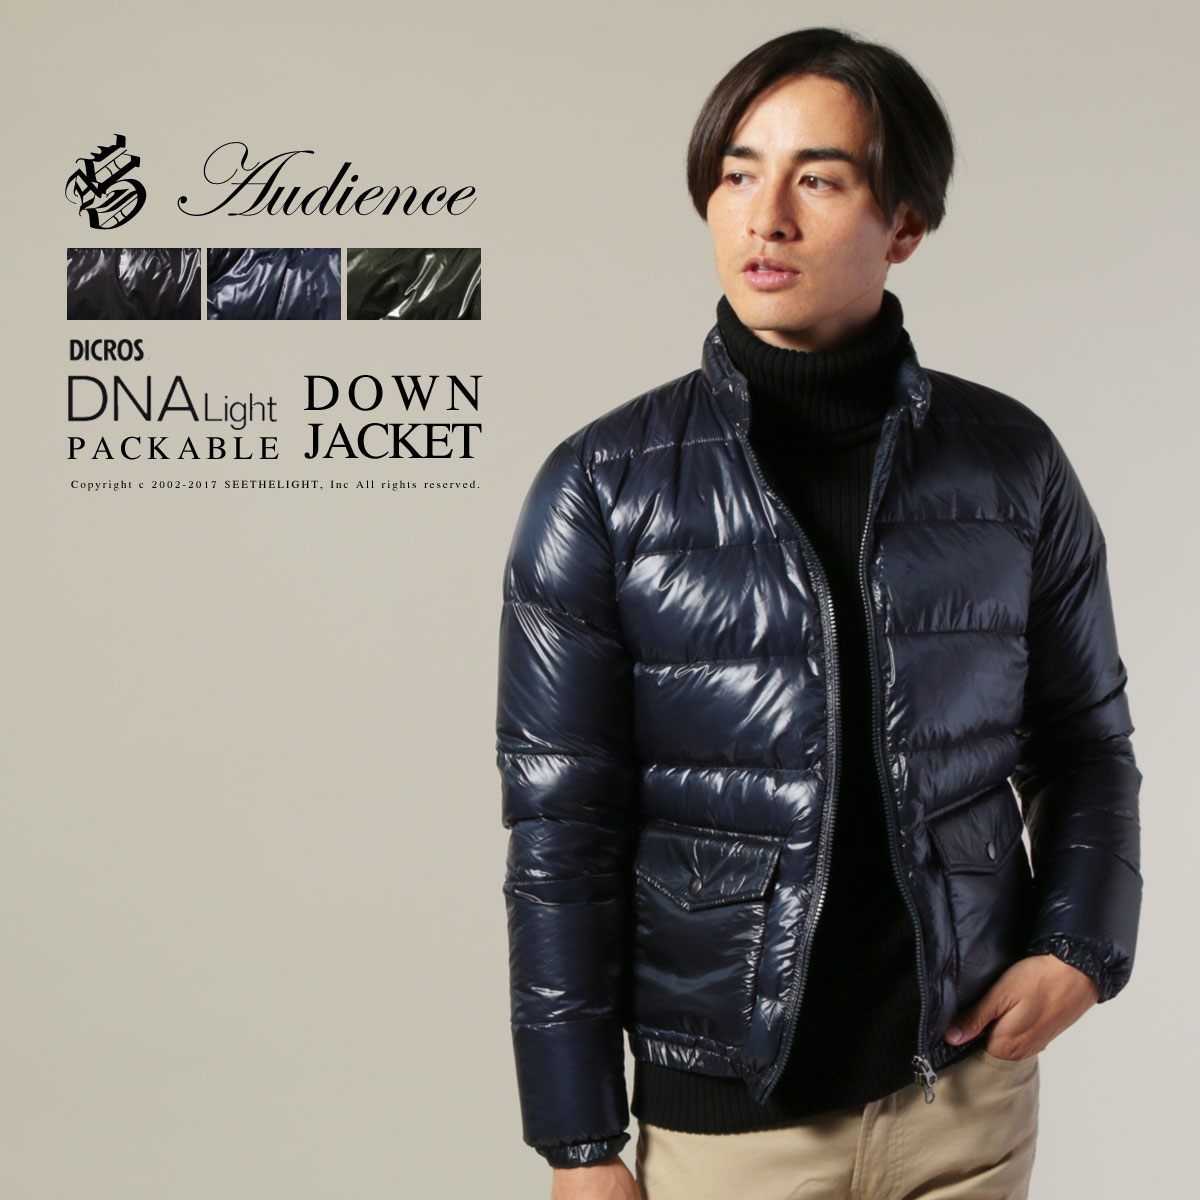 メンズ アウター メンズファッション DICROS DNA LIGHT パッカブル ダウン ジャケット Audience オーディエンス〓予約販売・9月上旬頃発送予定〓